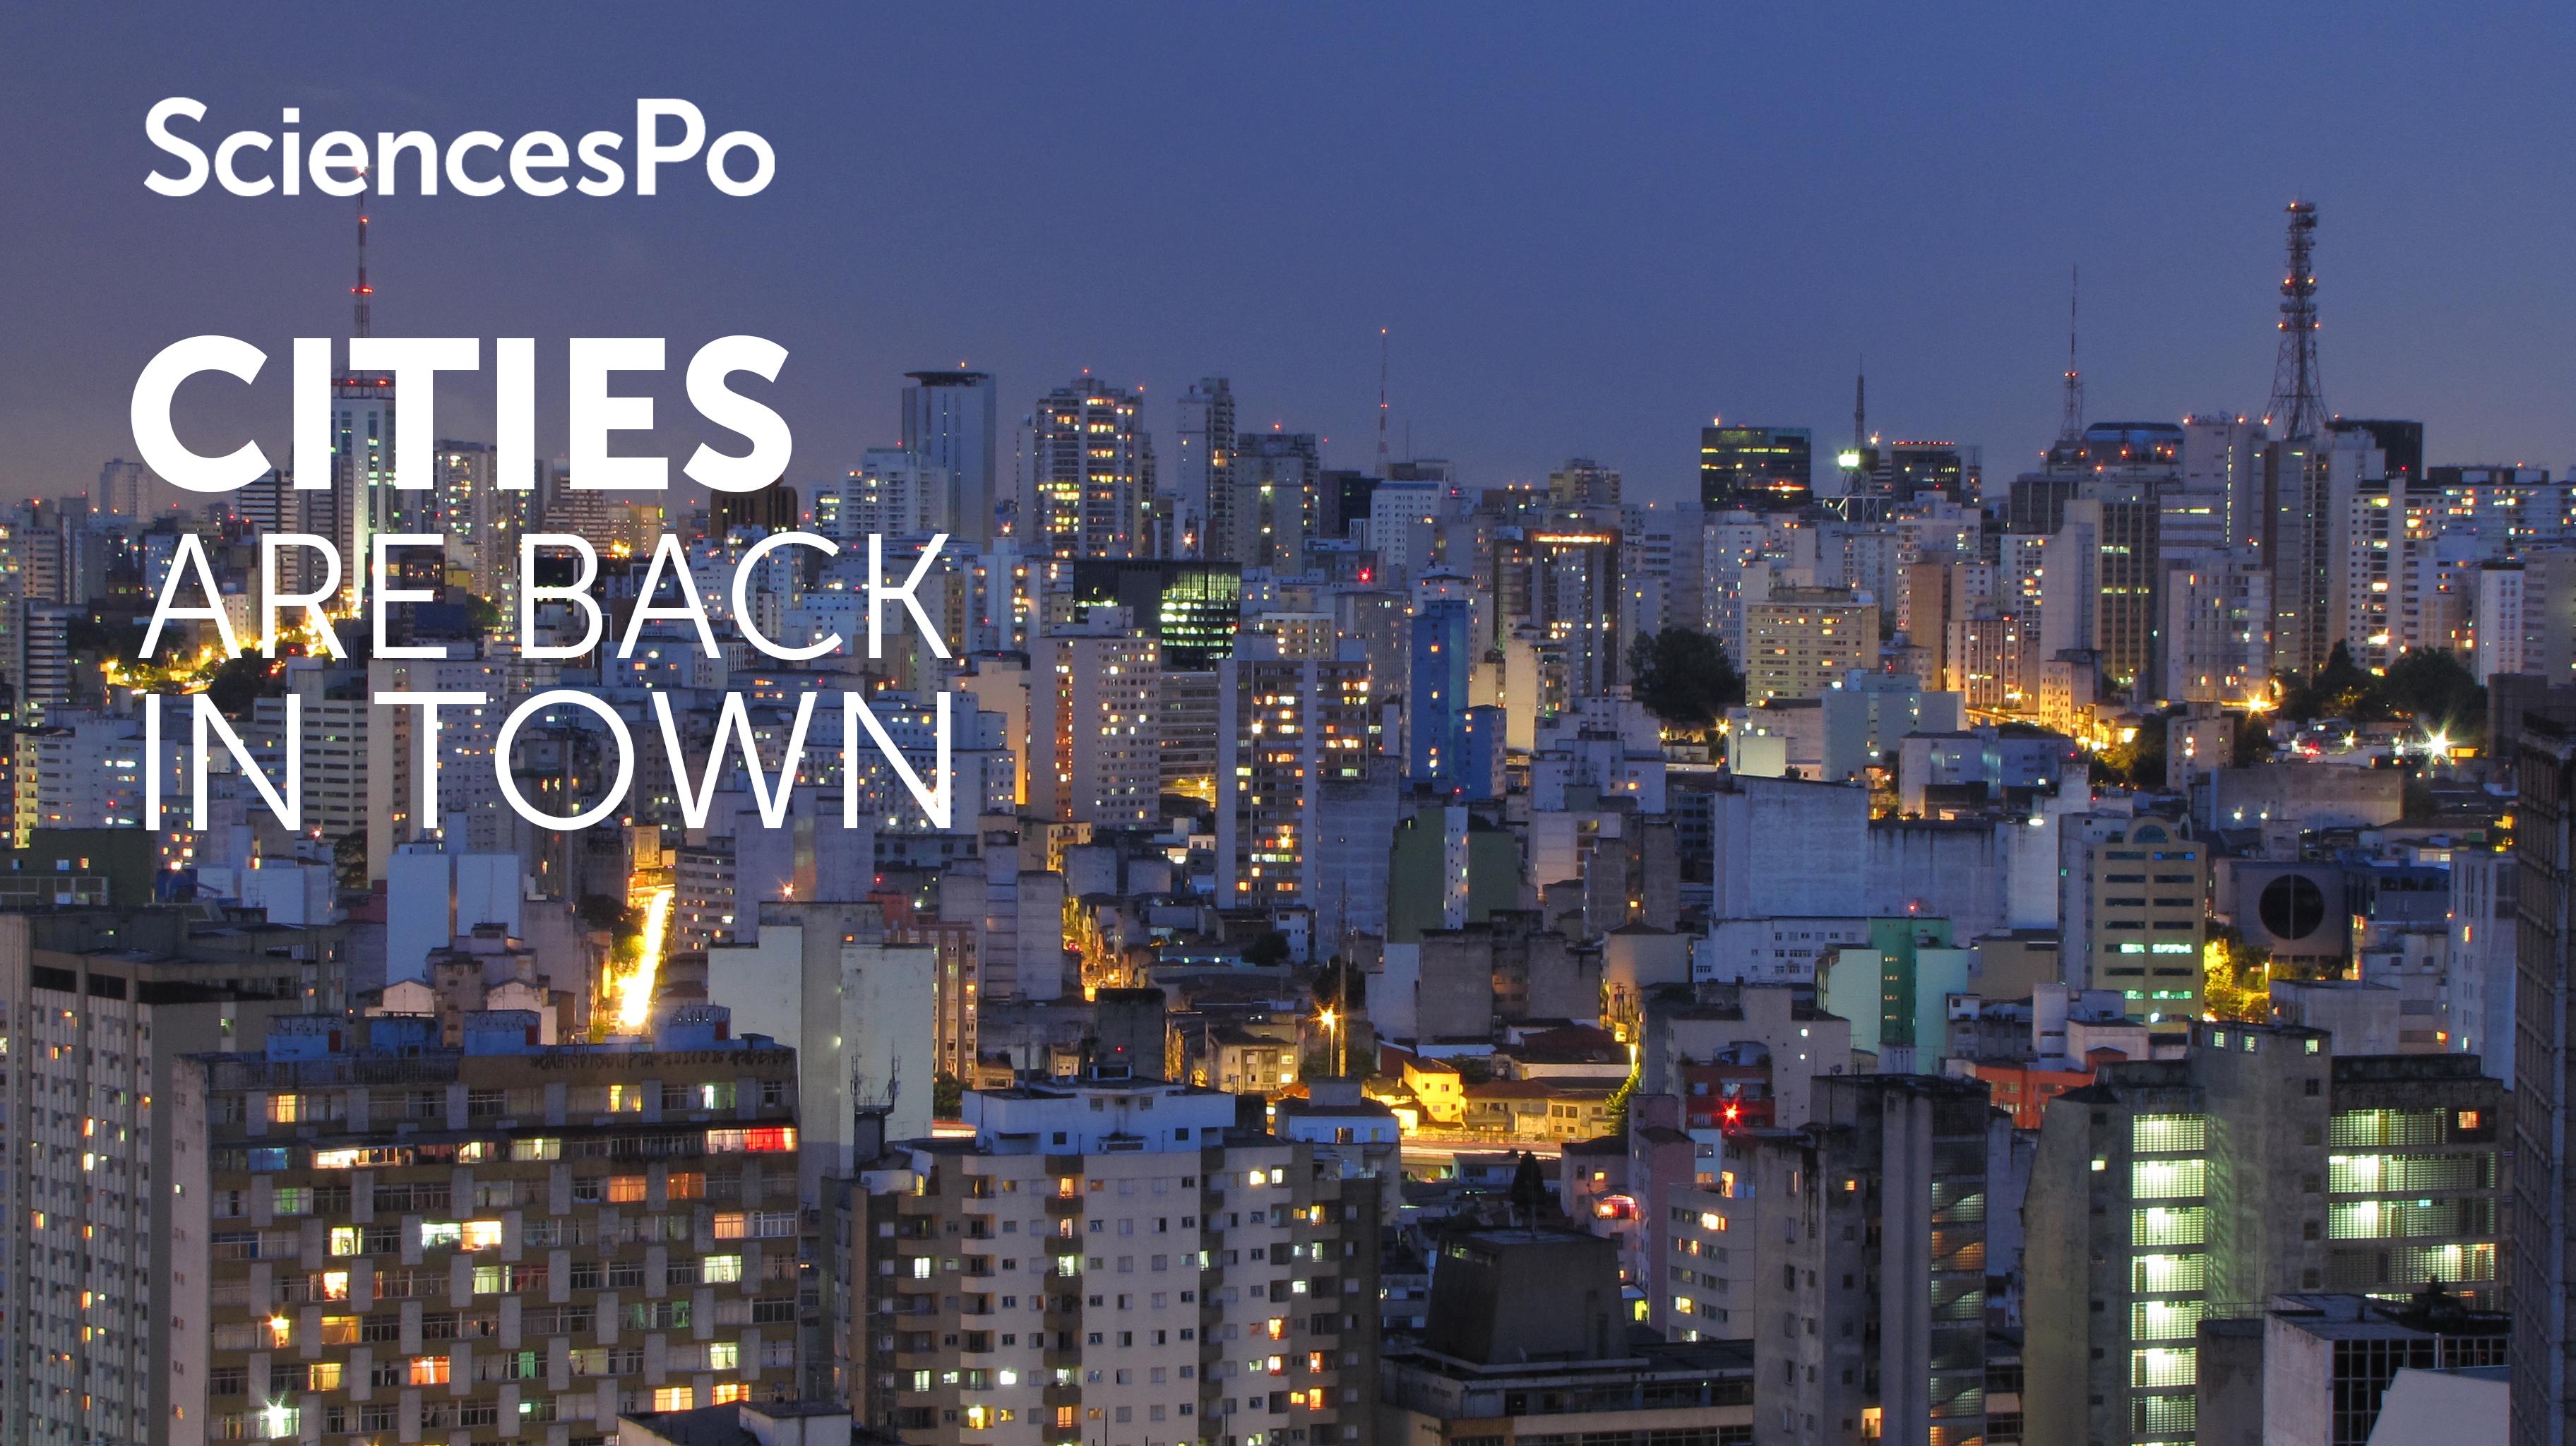 Cities are back in town : sociologie urbaine pour un monde globalisé course image